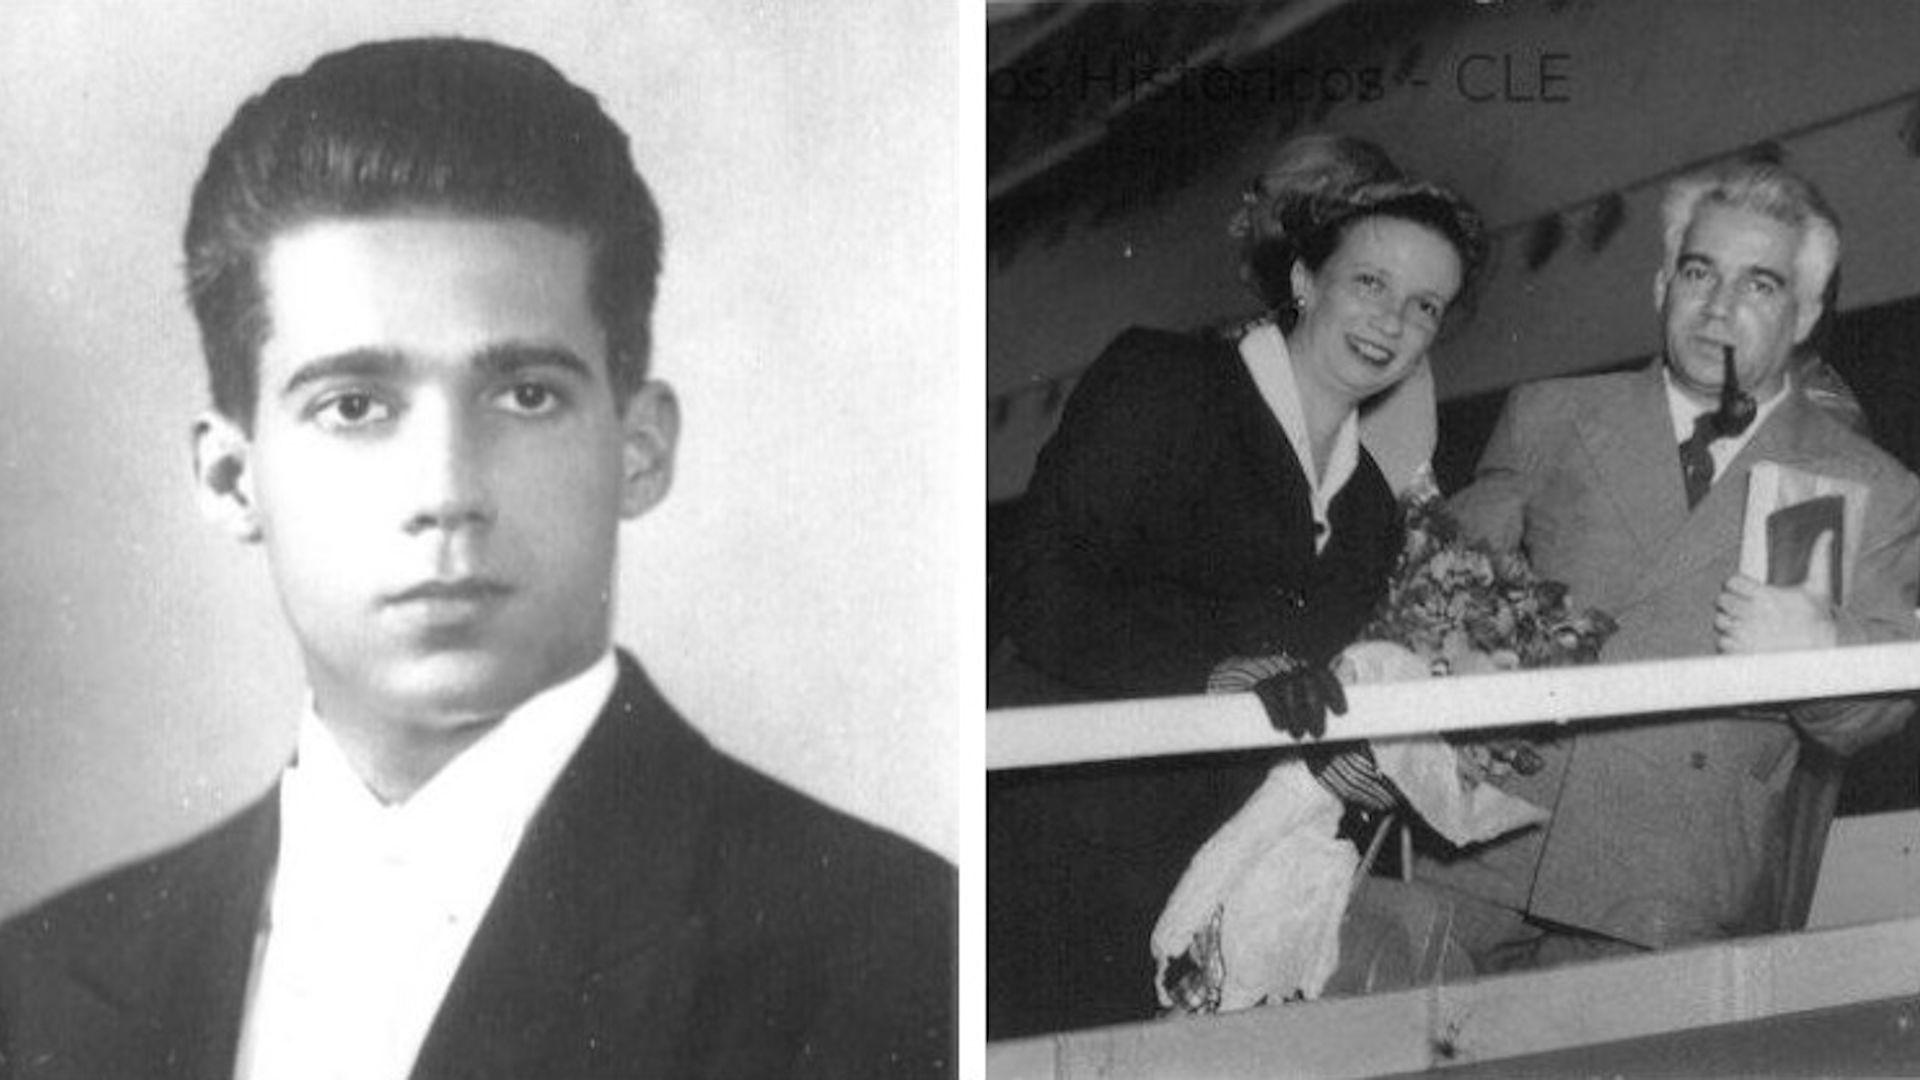 Joaquim da Costa Ribeiro em sua formatura (1928), e uma foto sem data do casal Costa Ribeiro (Acervo CLE/Unicamp)